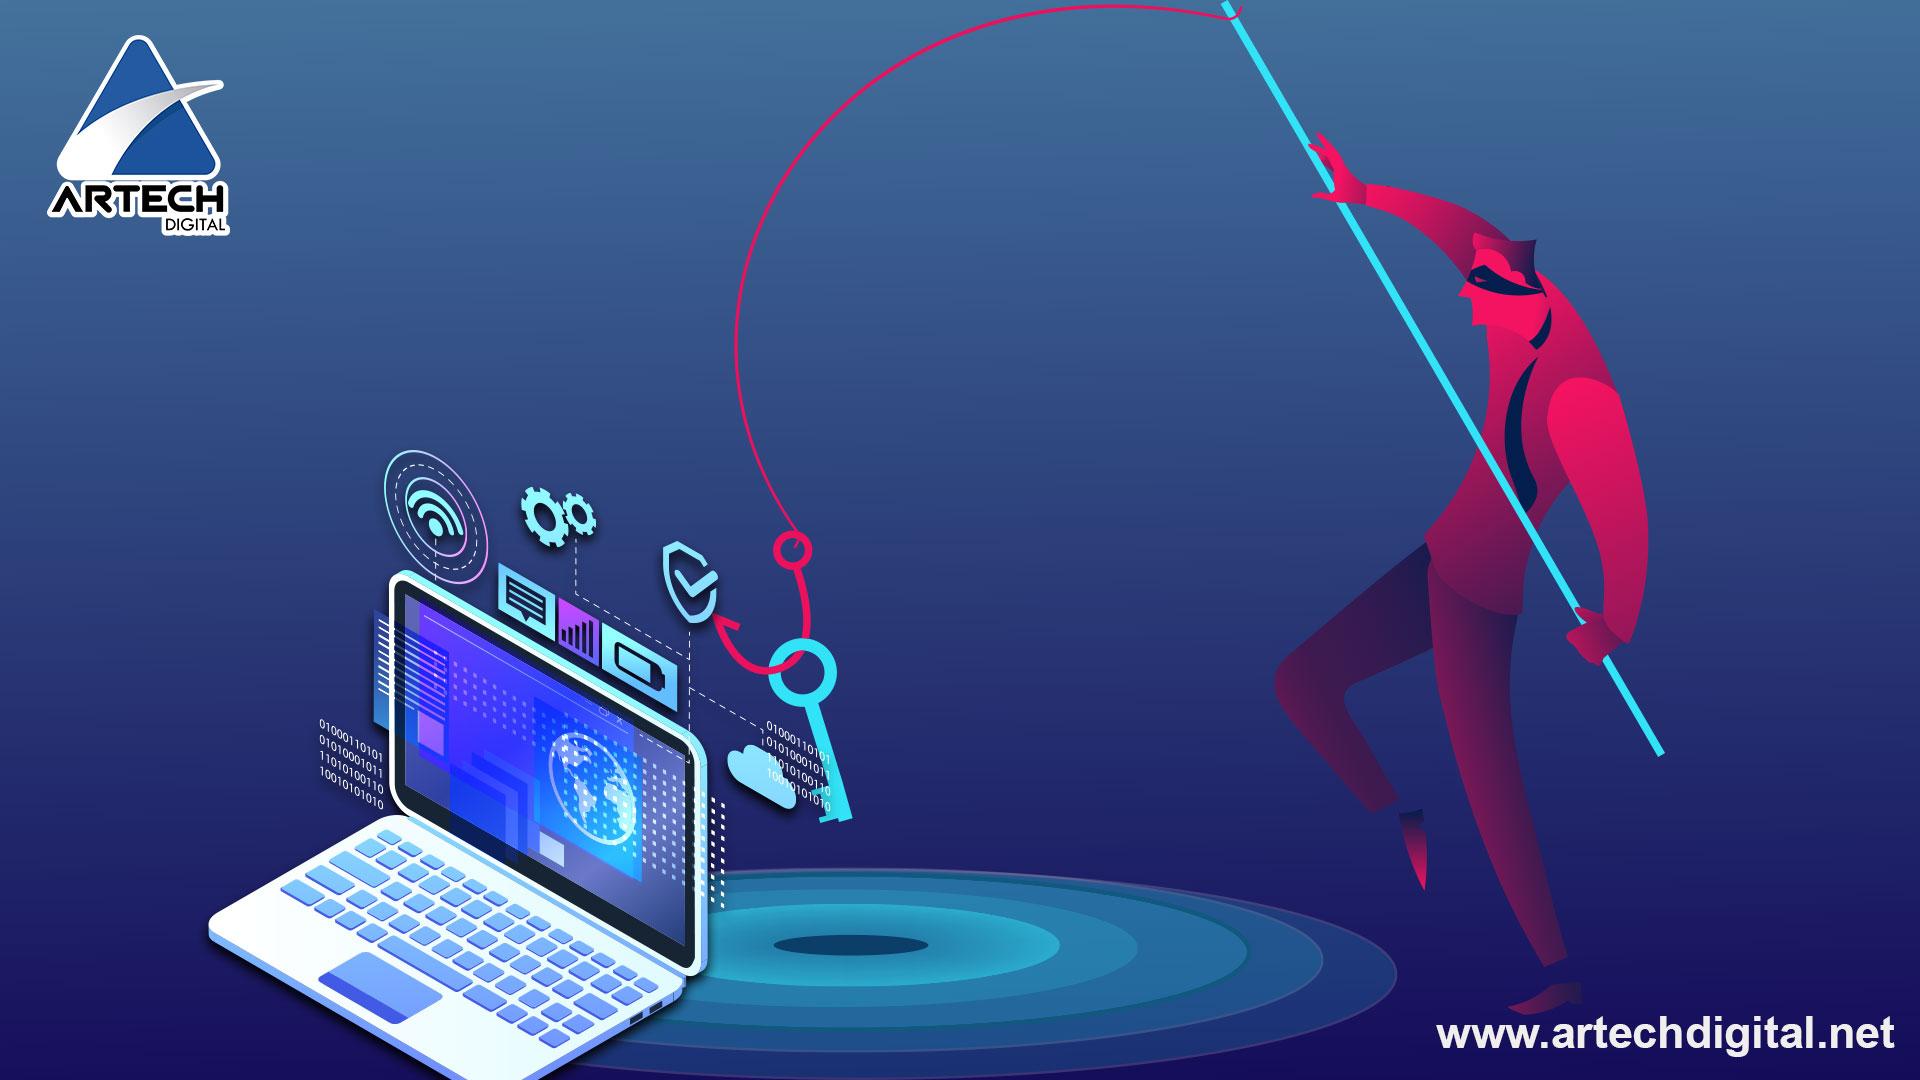 Online Fraud - Artech Digital